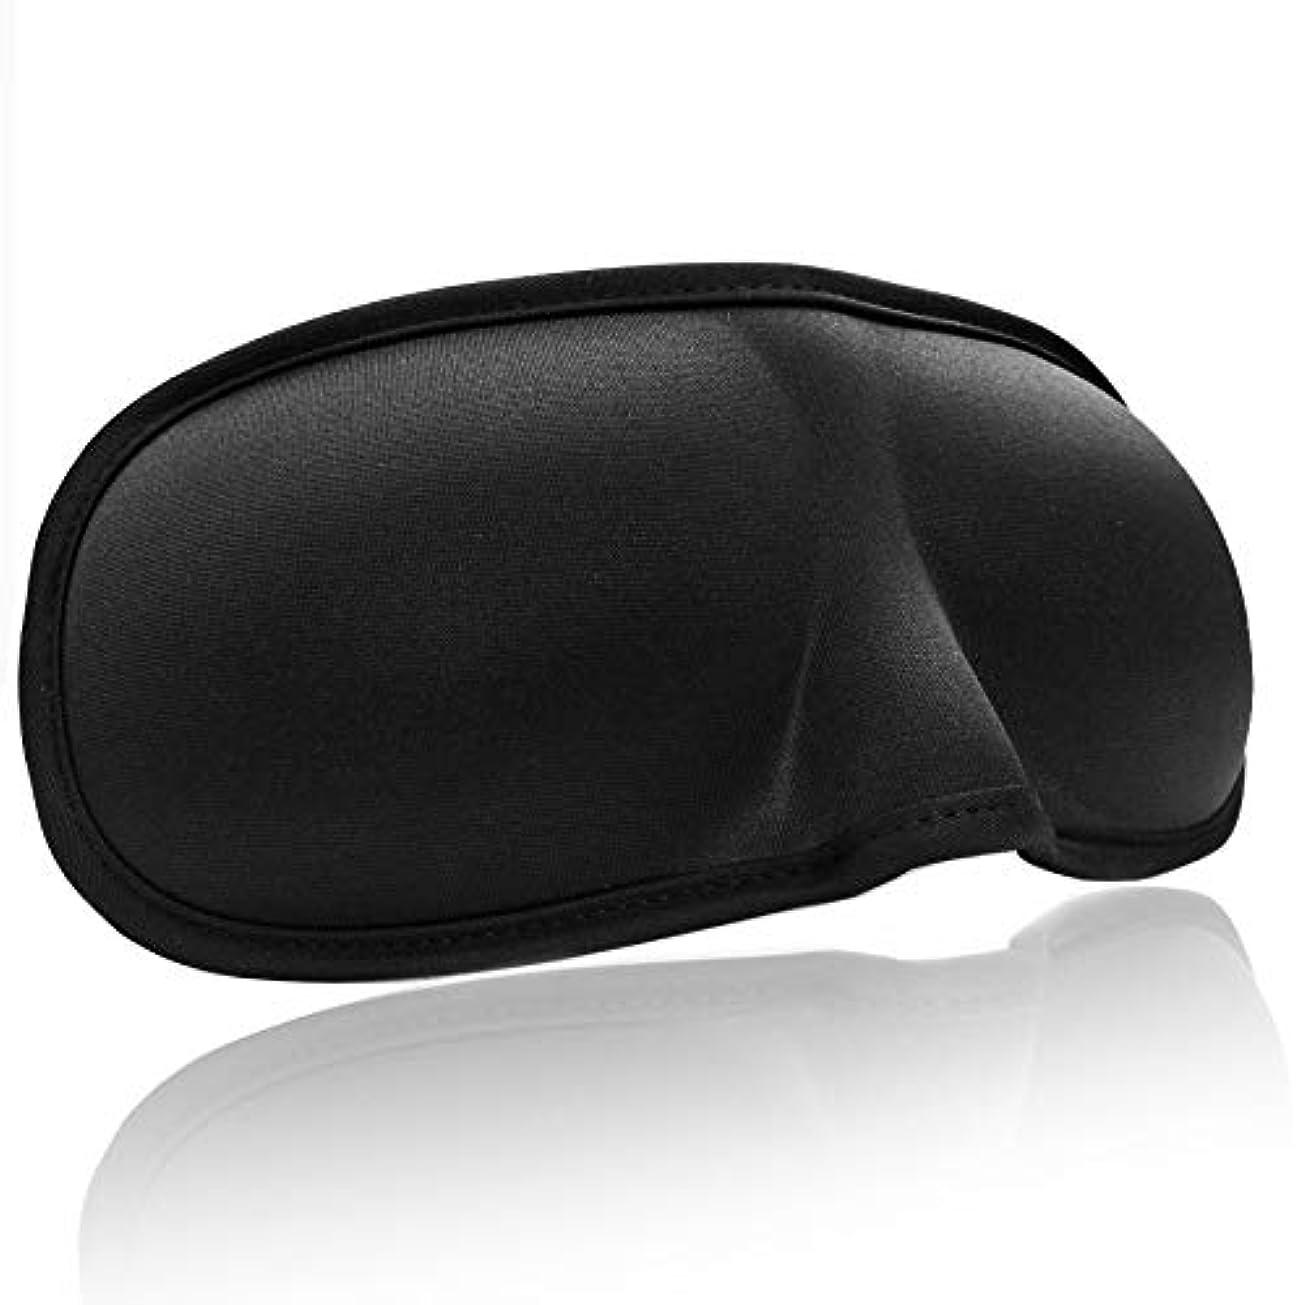 アンタゴニスト提供極めて重要なNOTE ポータブル3dスリーピングアイマスクシェーディングマスク用睡眠ソフト調整可能包帯目にアイシェードカバー旅行アイパッチ+耳栓